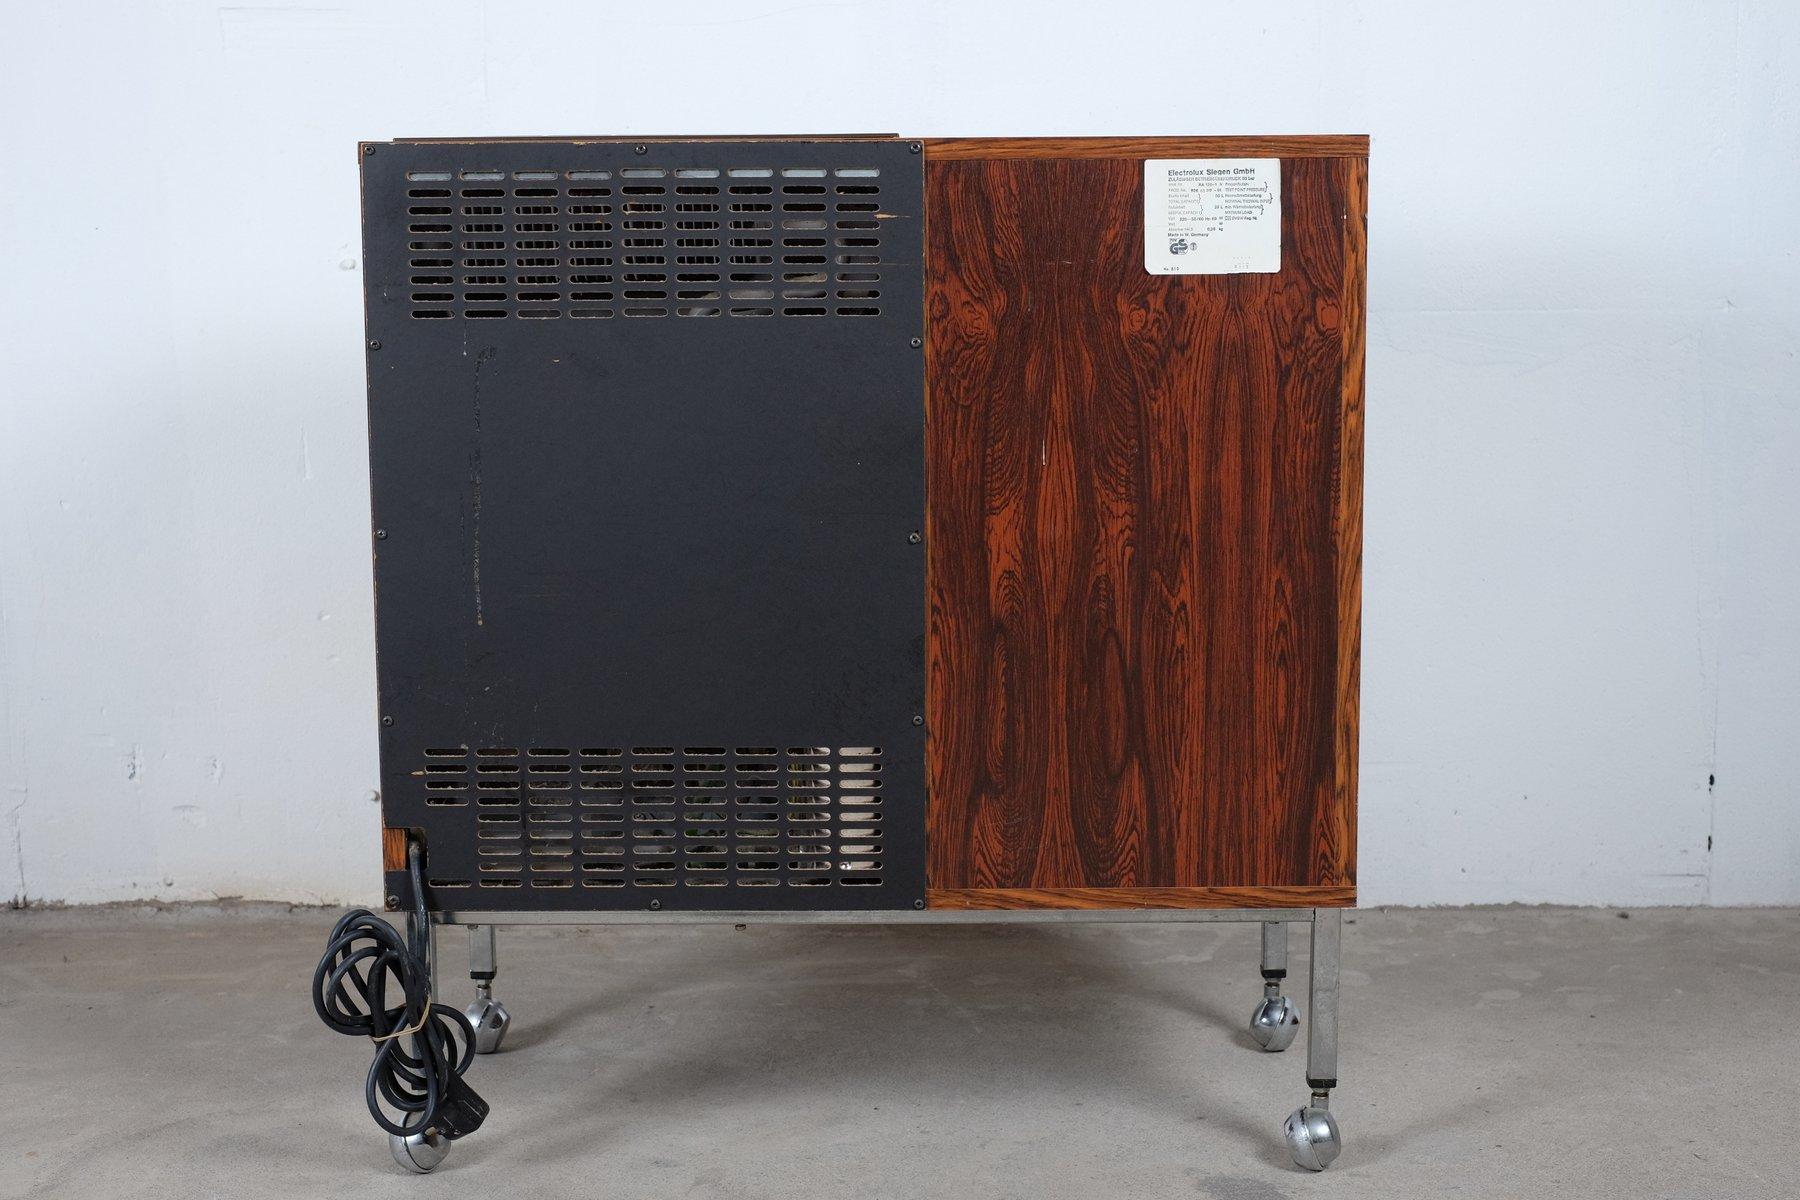 Credenza Con Frigo : Frigorifero stile vintage smeg bompani e gorenje i frigoriferi